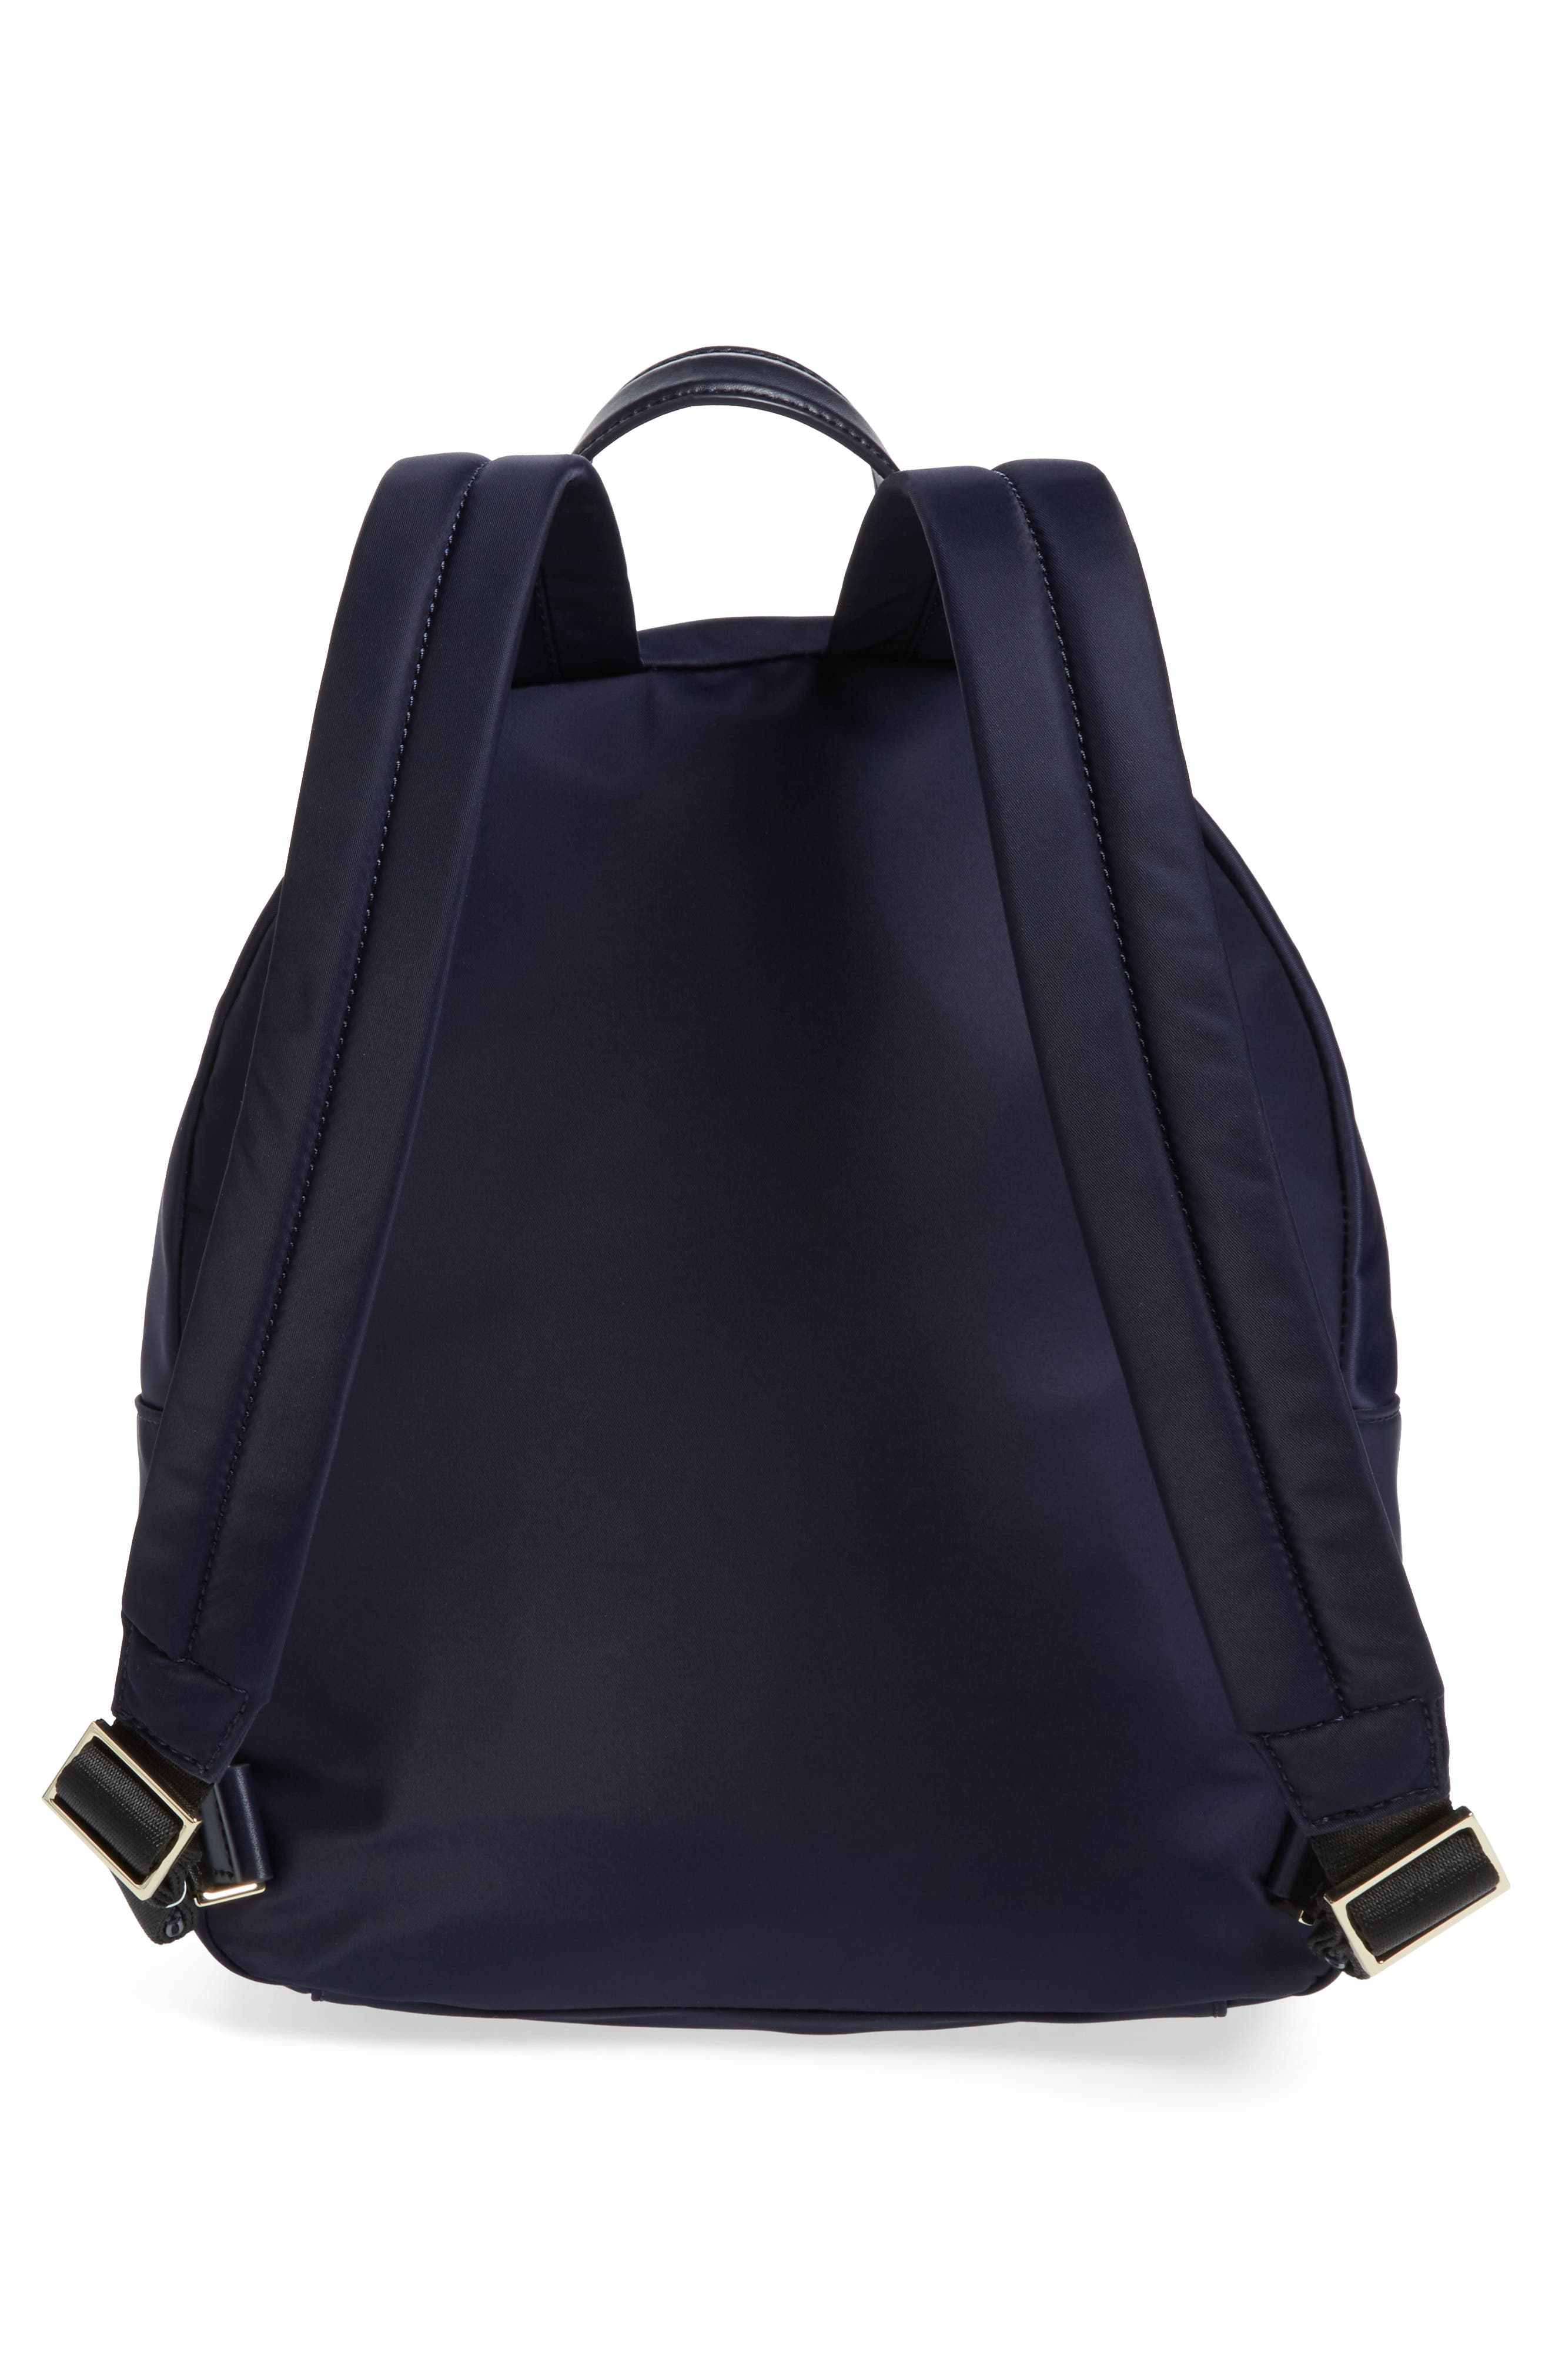 watson lane - hartley embellished nylon backpack,                             Alternate thumbnail 3, color,